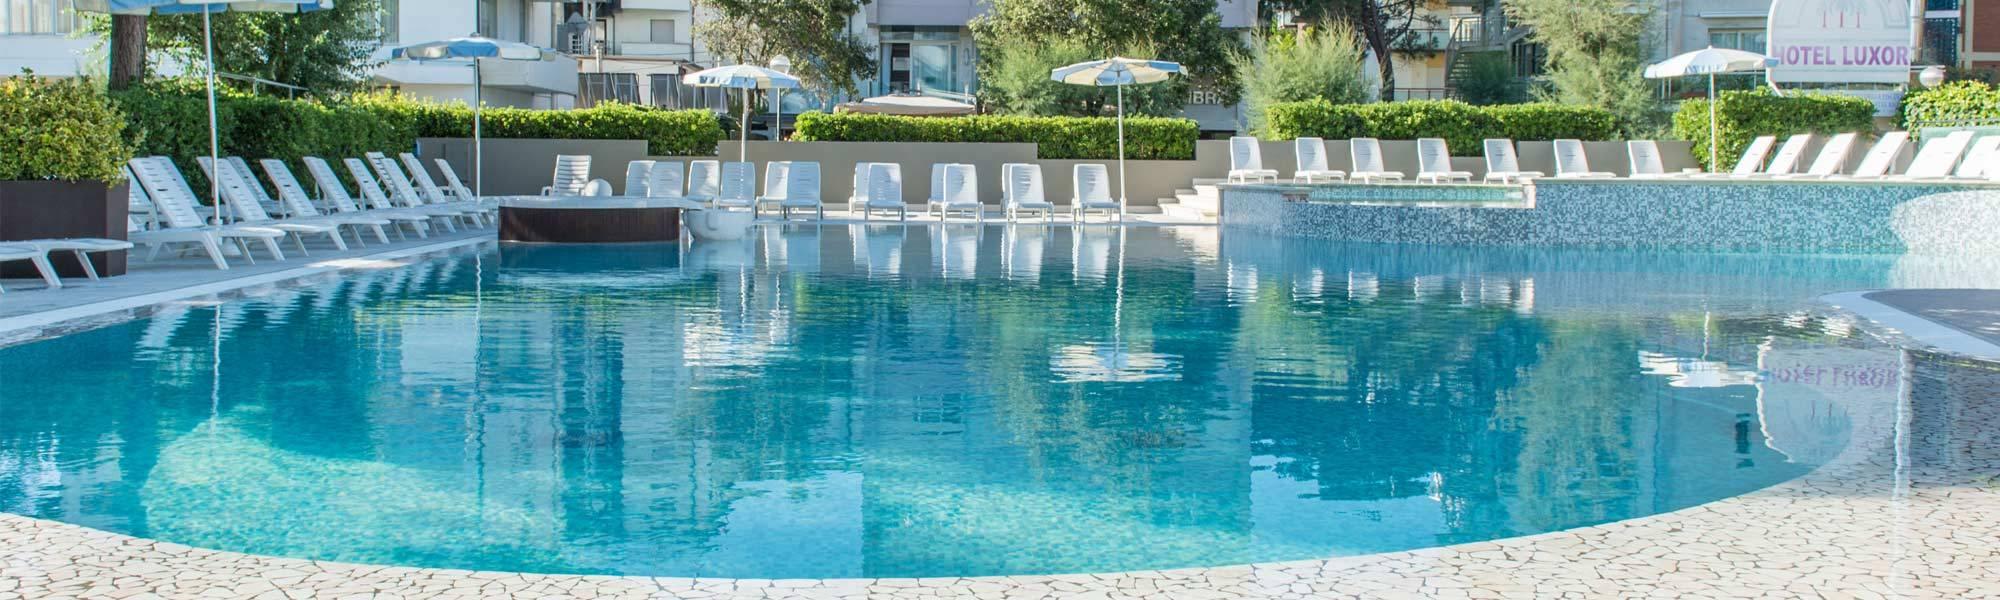 Hotel con piscina a milano marittima hotel luxor - Hotel con piscina milano ...